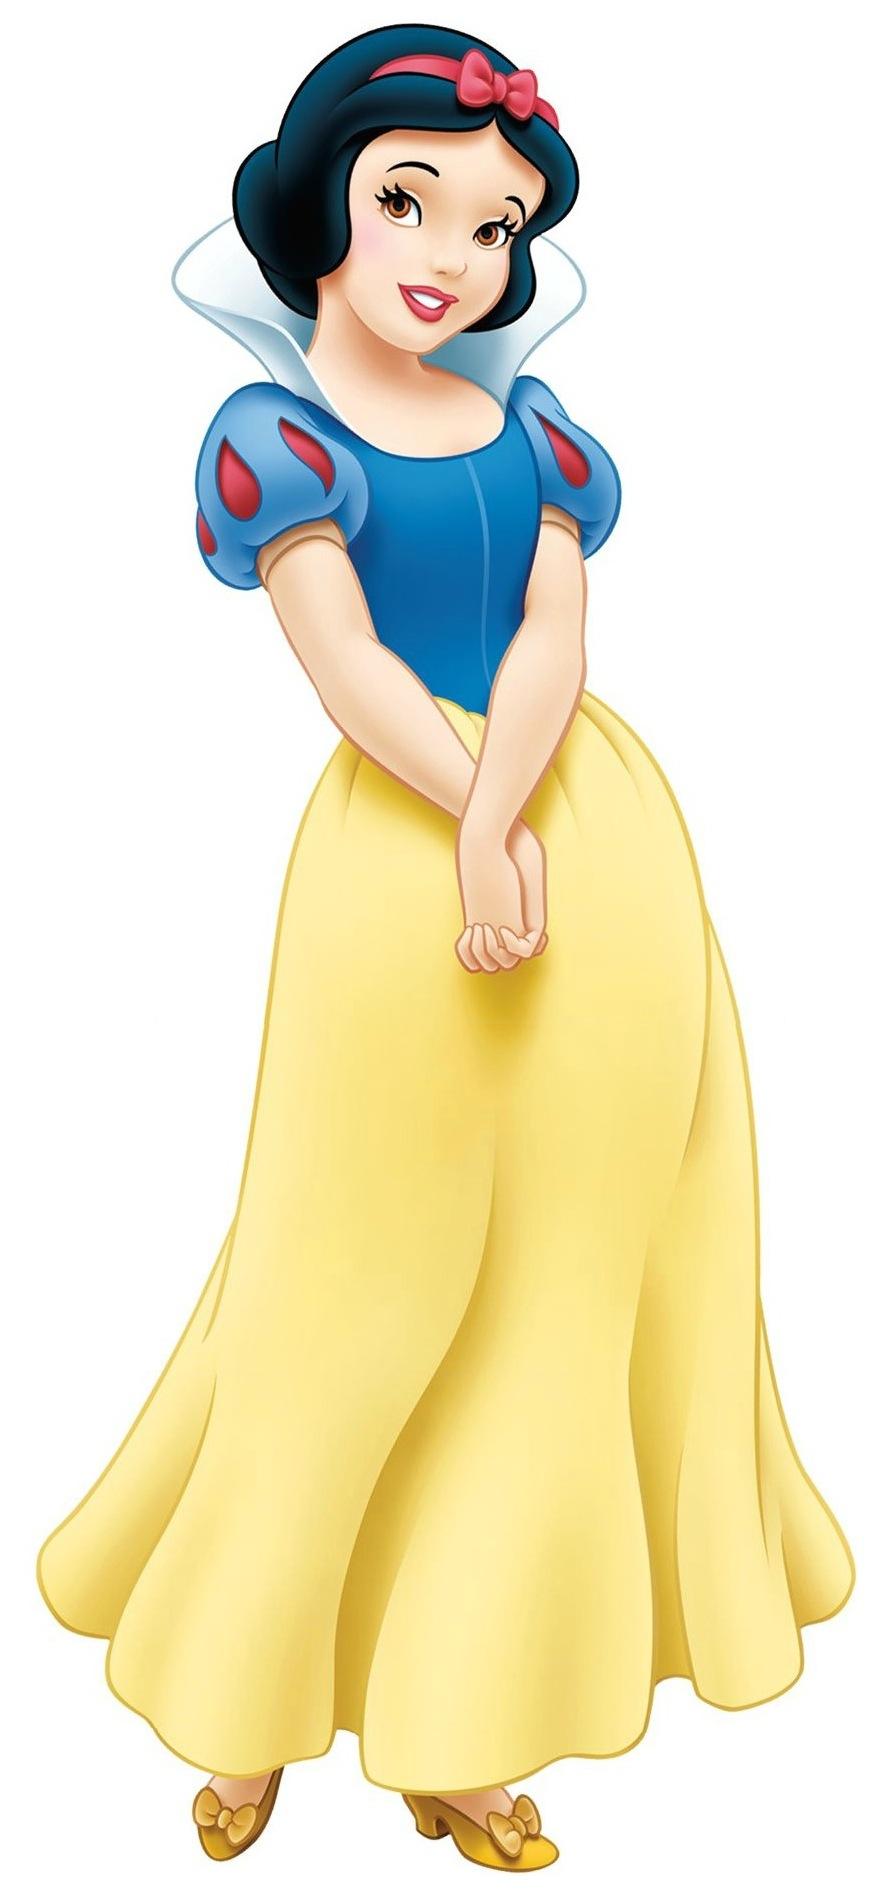 The Prince   Disney Princess Wiki   FANDOM powered by Wikia